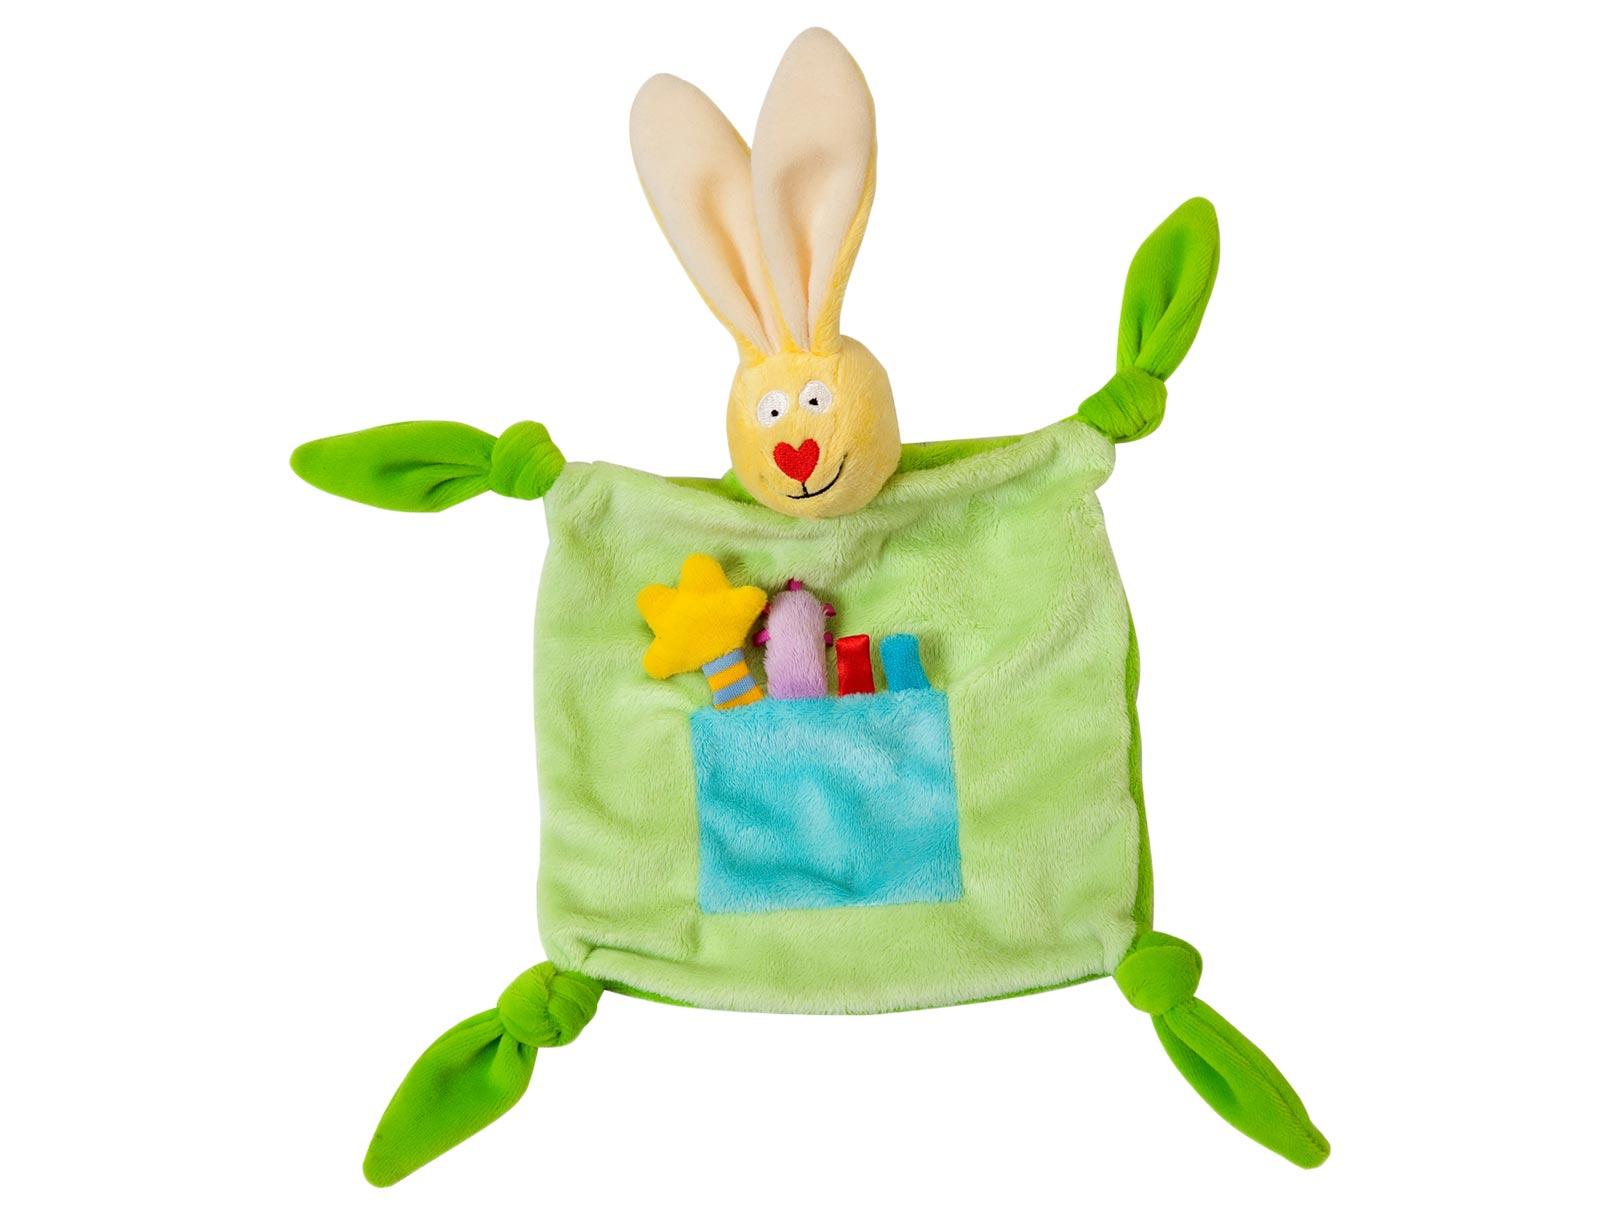 Купить Taf Toys Платочек-игрушка Кролик , зеленый, Китай